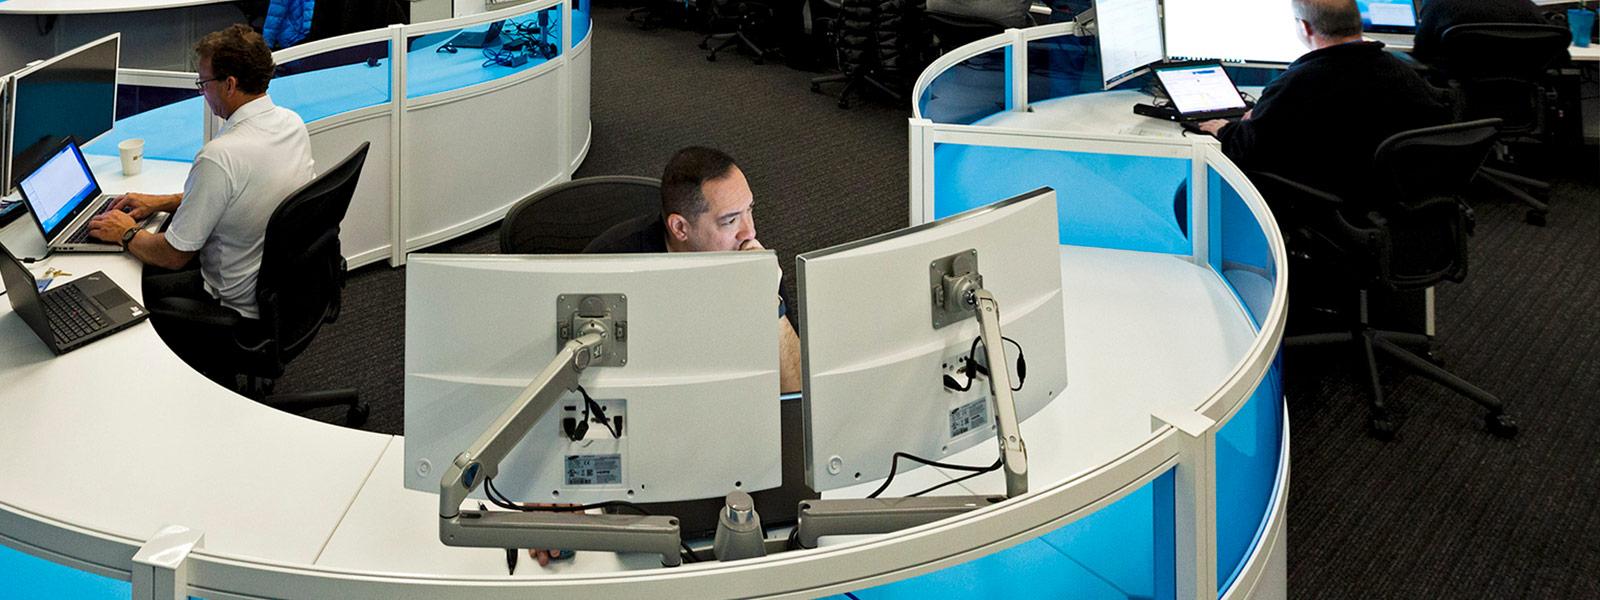 Mann in Cybersicherheitscenter blickt auf 2 Monitore